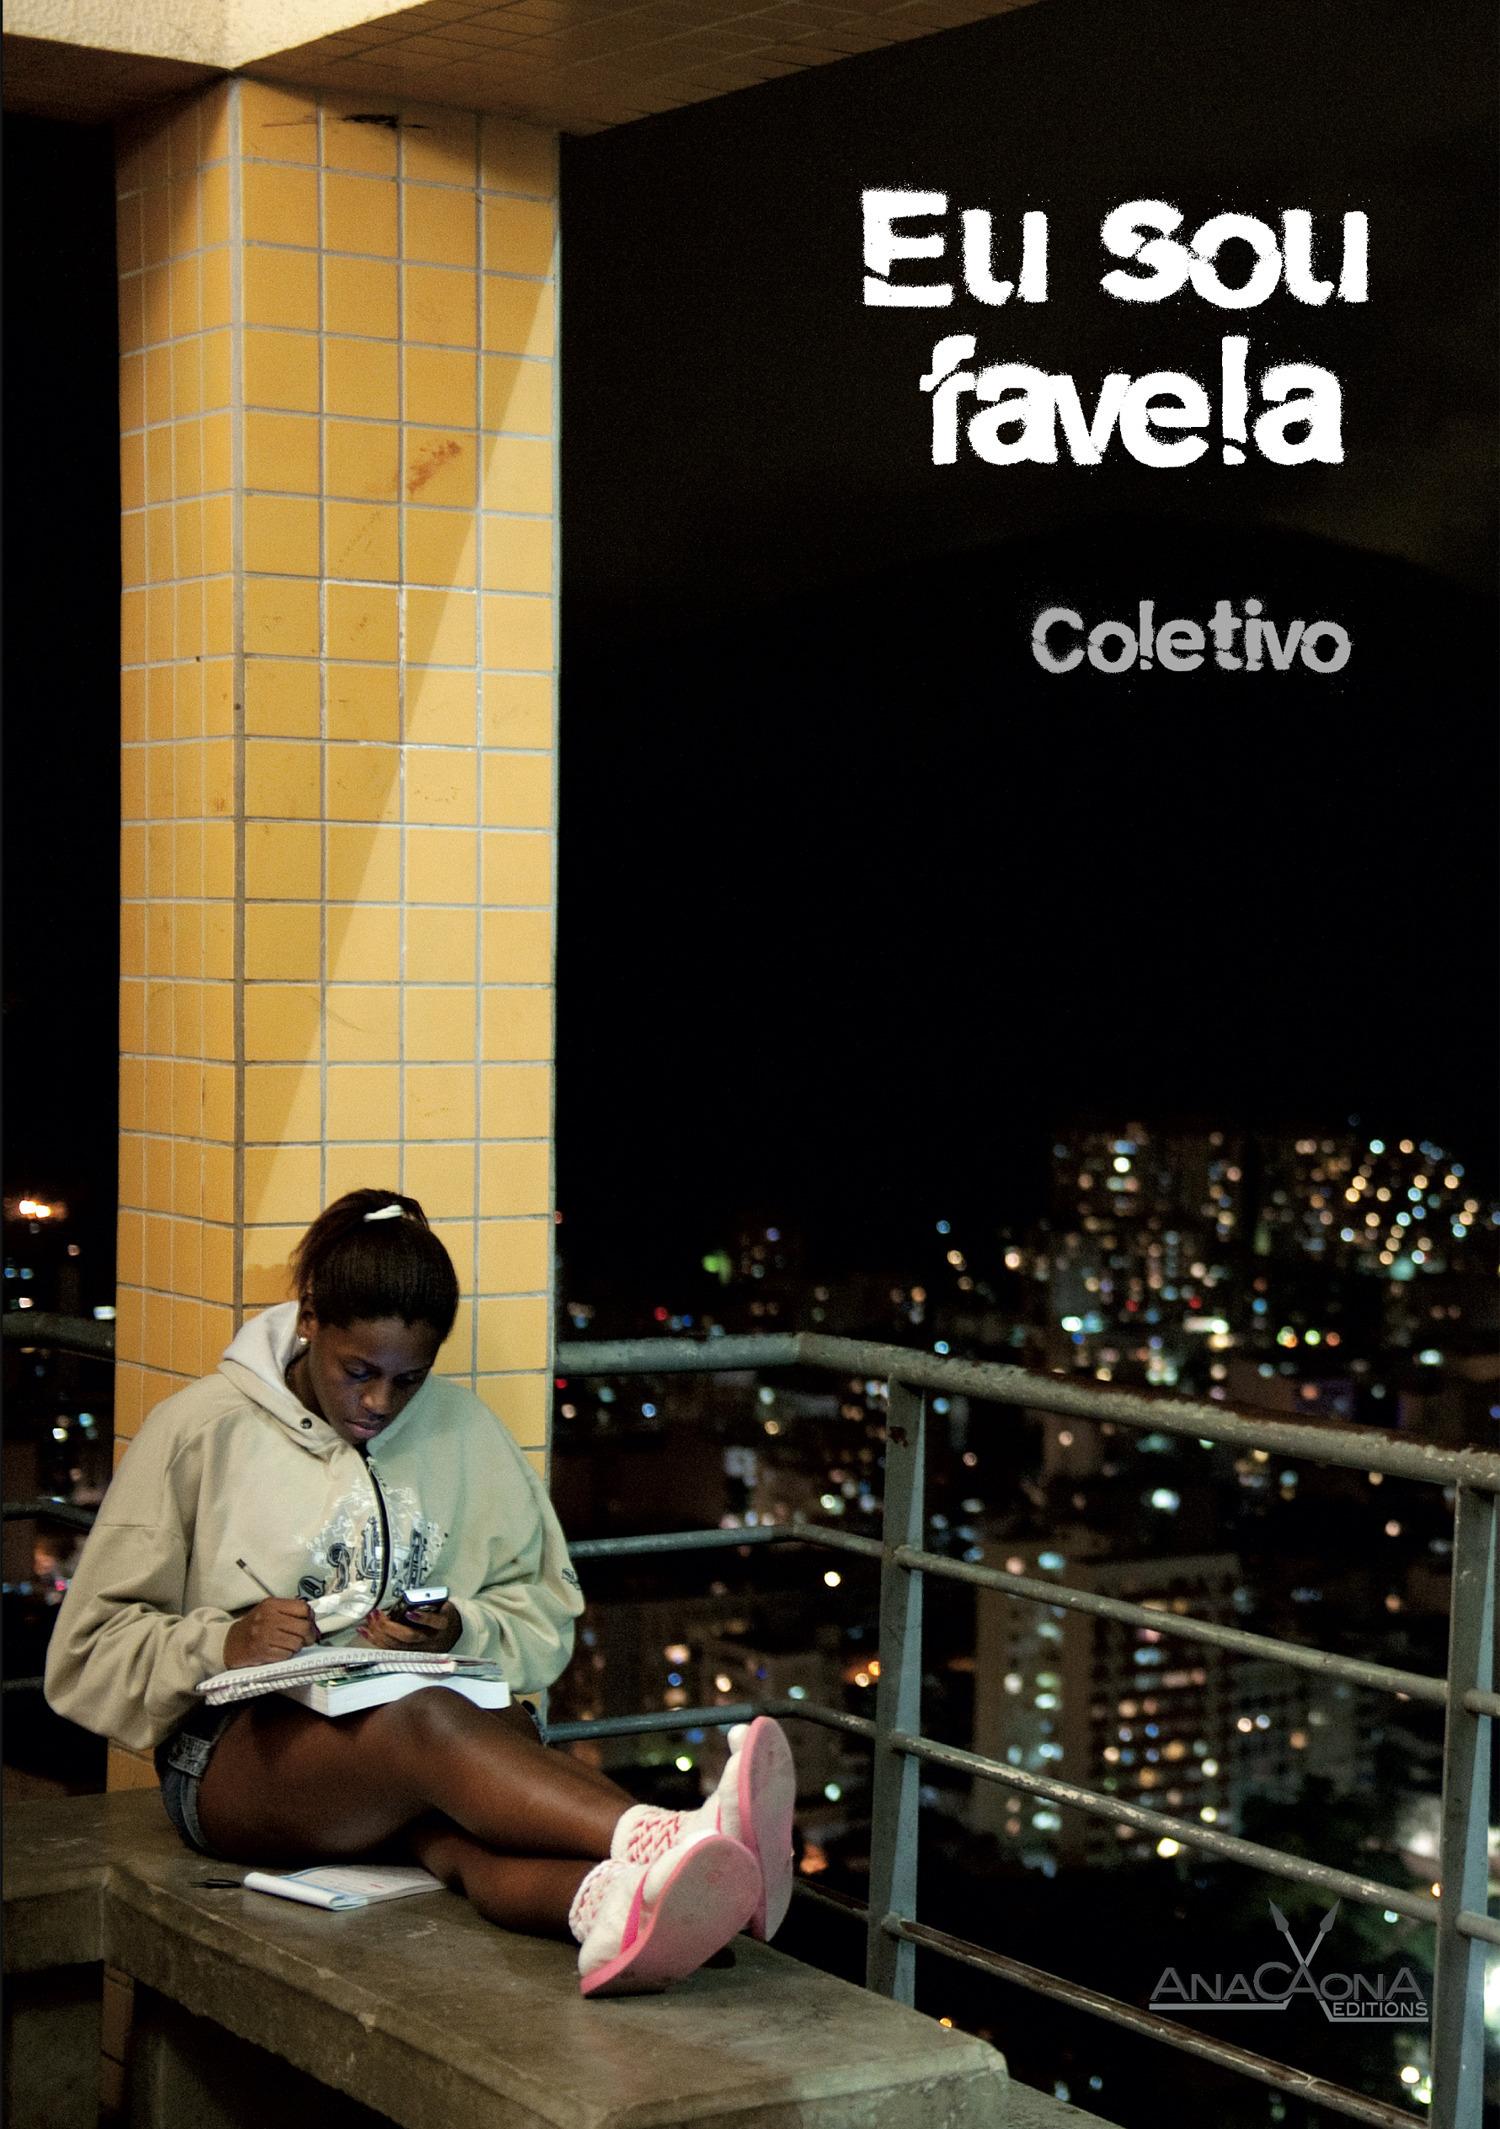 Eu sou favela